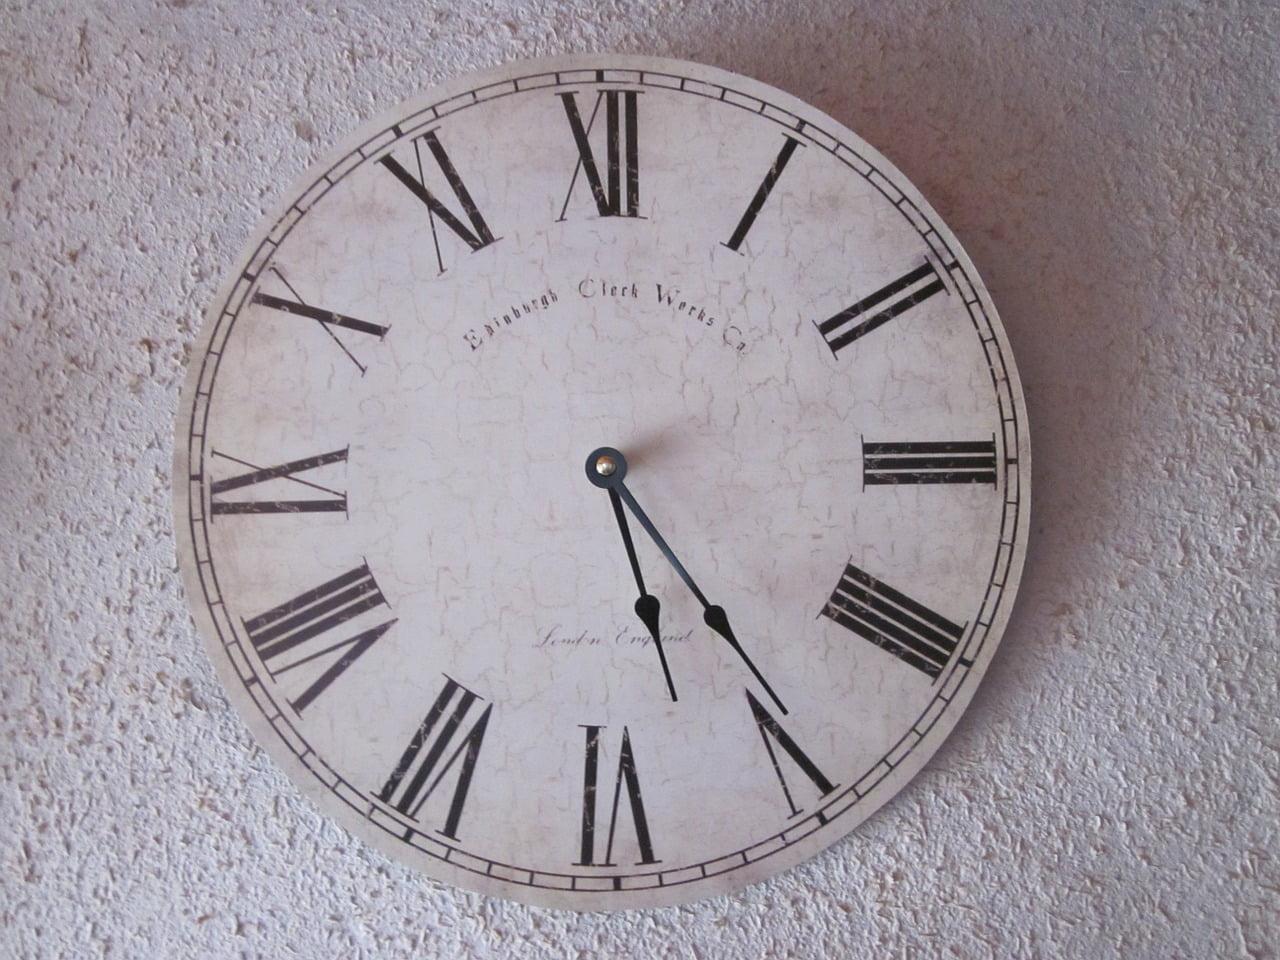 Znaki rzymskie na tarczy zegara